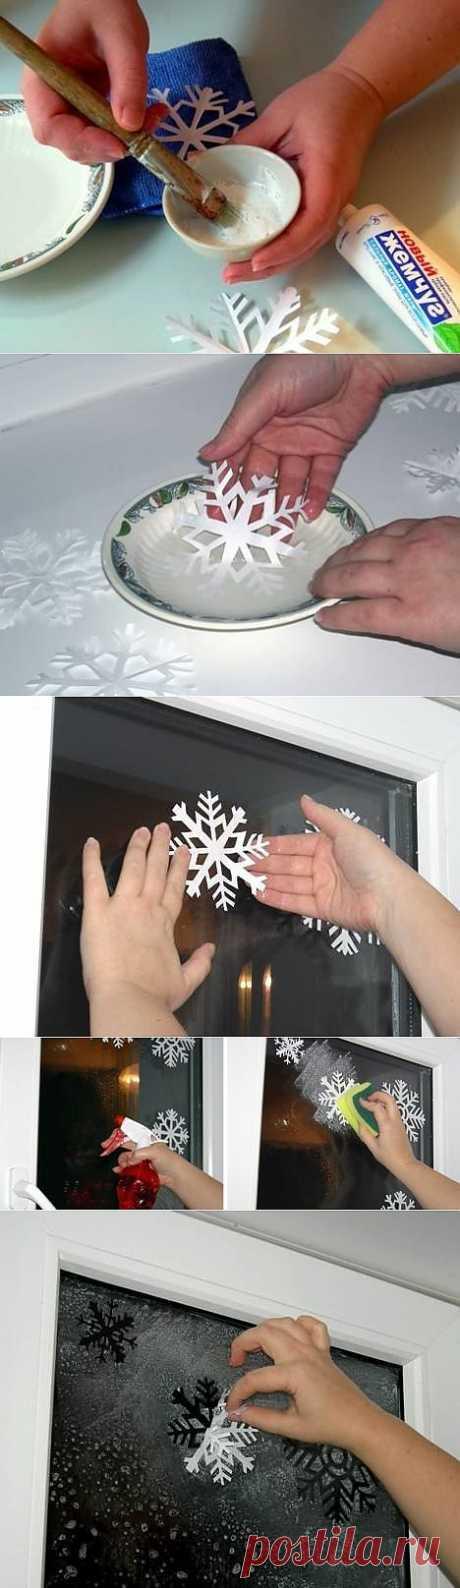 Украшаем окна снежинками / Новогодний декор / PassionForum - мастер-классы по рукоделию